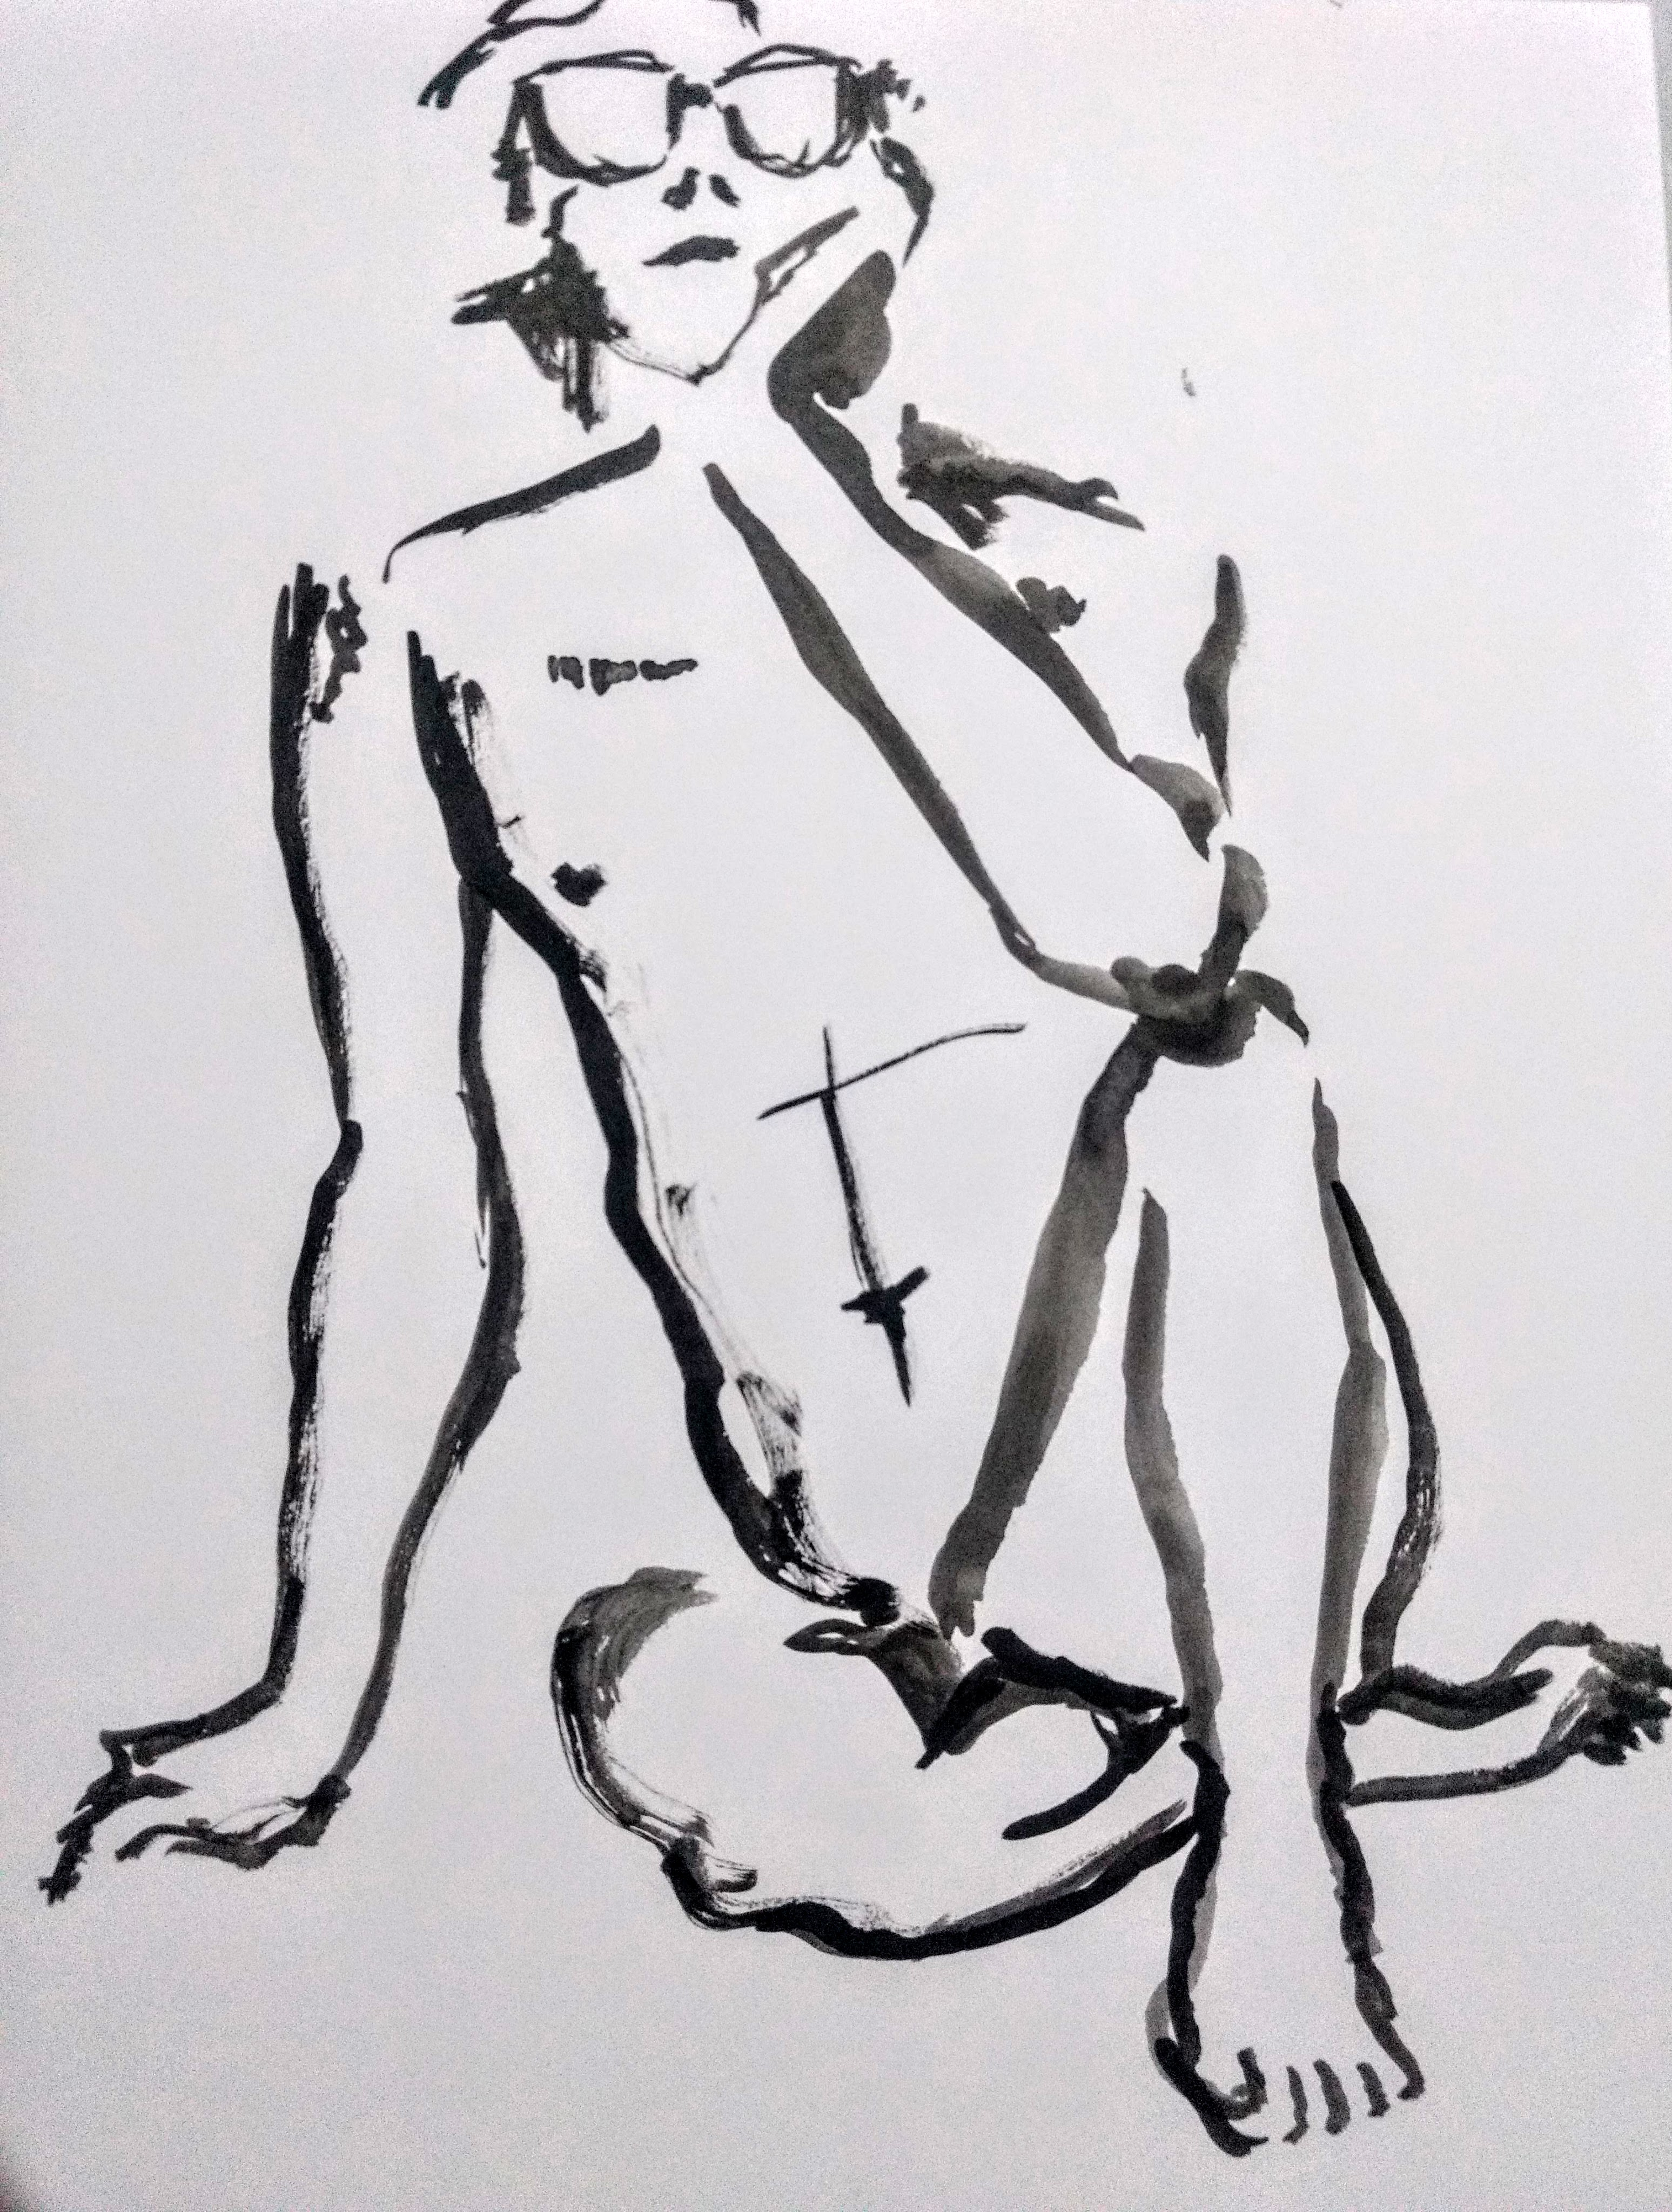 Desenho de modelo masculino trans nu em sumiê, realizado durante Prática de modelo vivo com Rafa Coutinho e Laerte no espaço Breu em 2019.